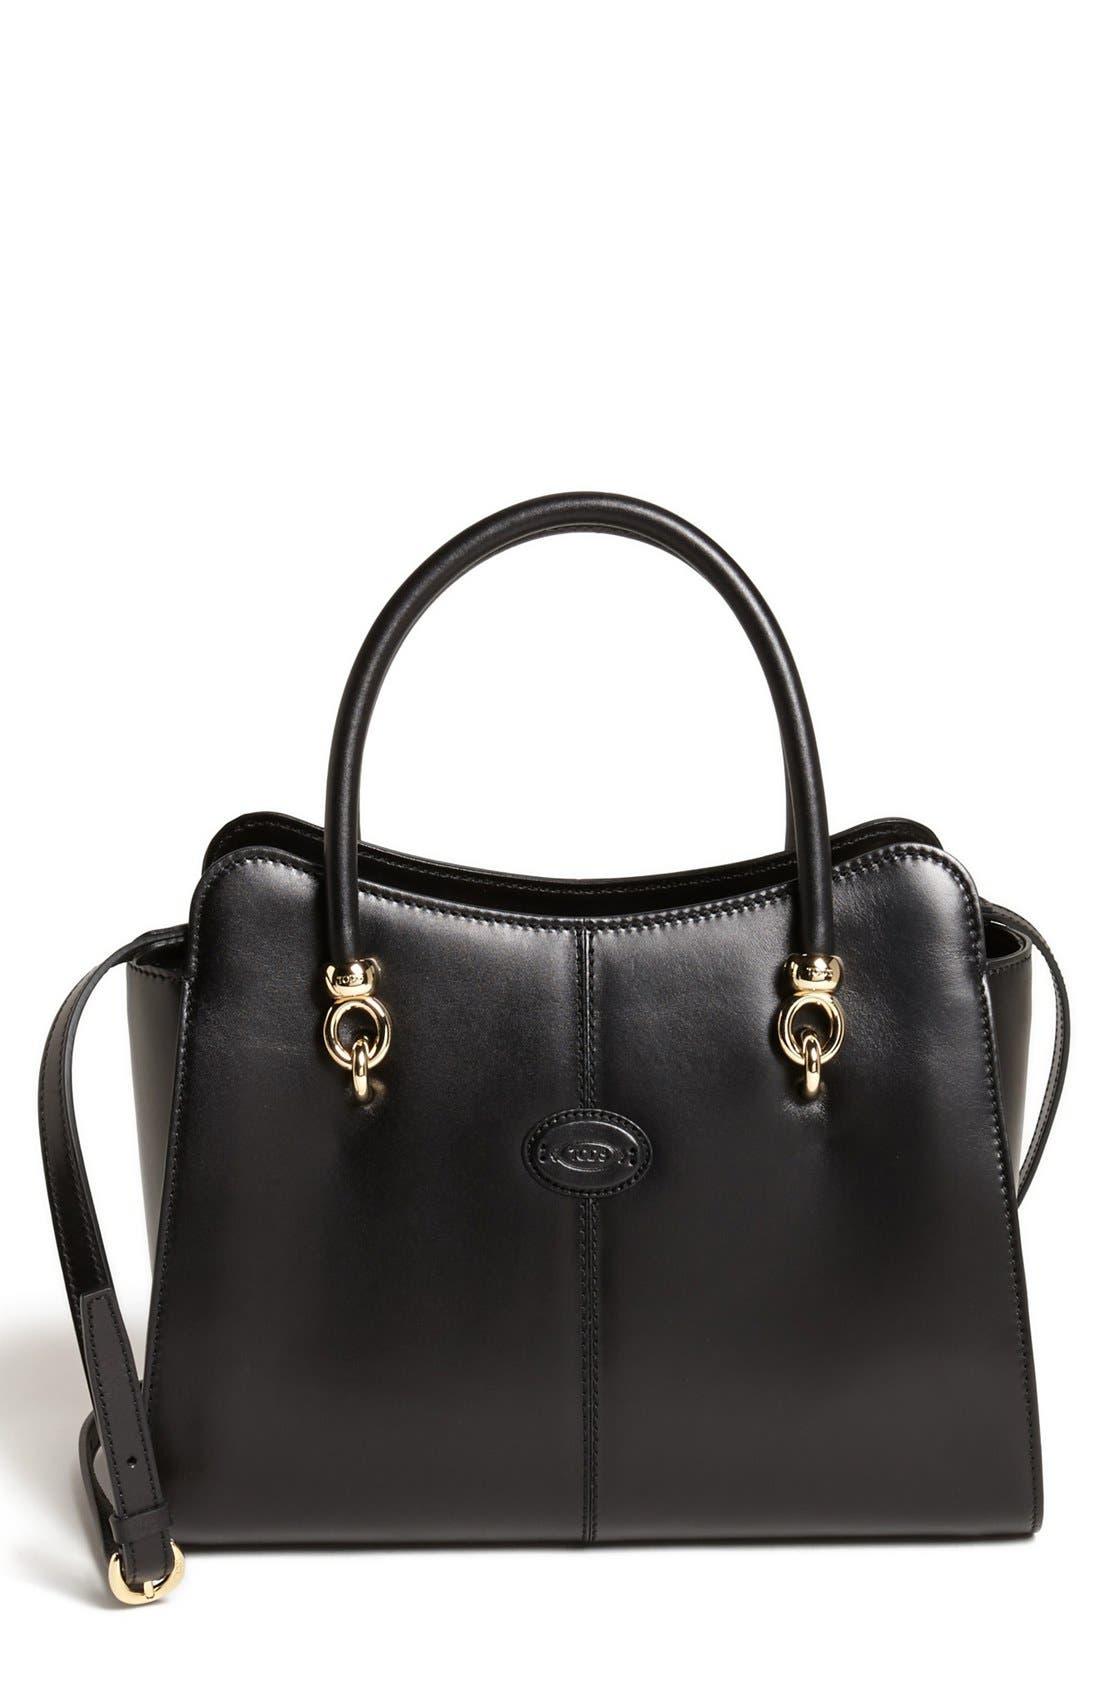 Main Image - Tod's 'Sella' Leather Shopper